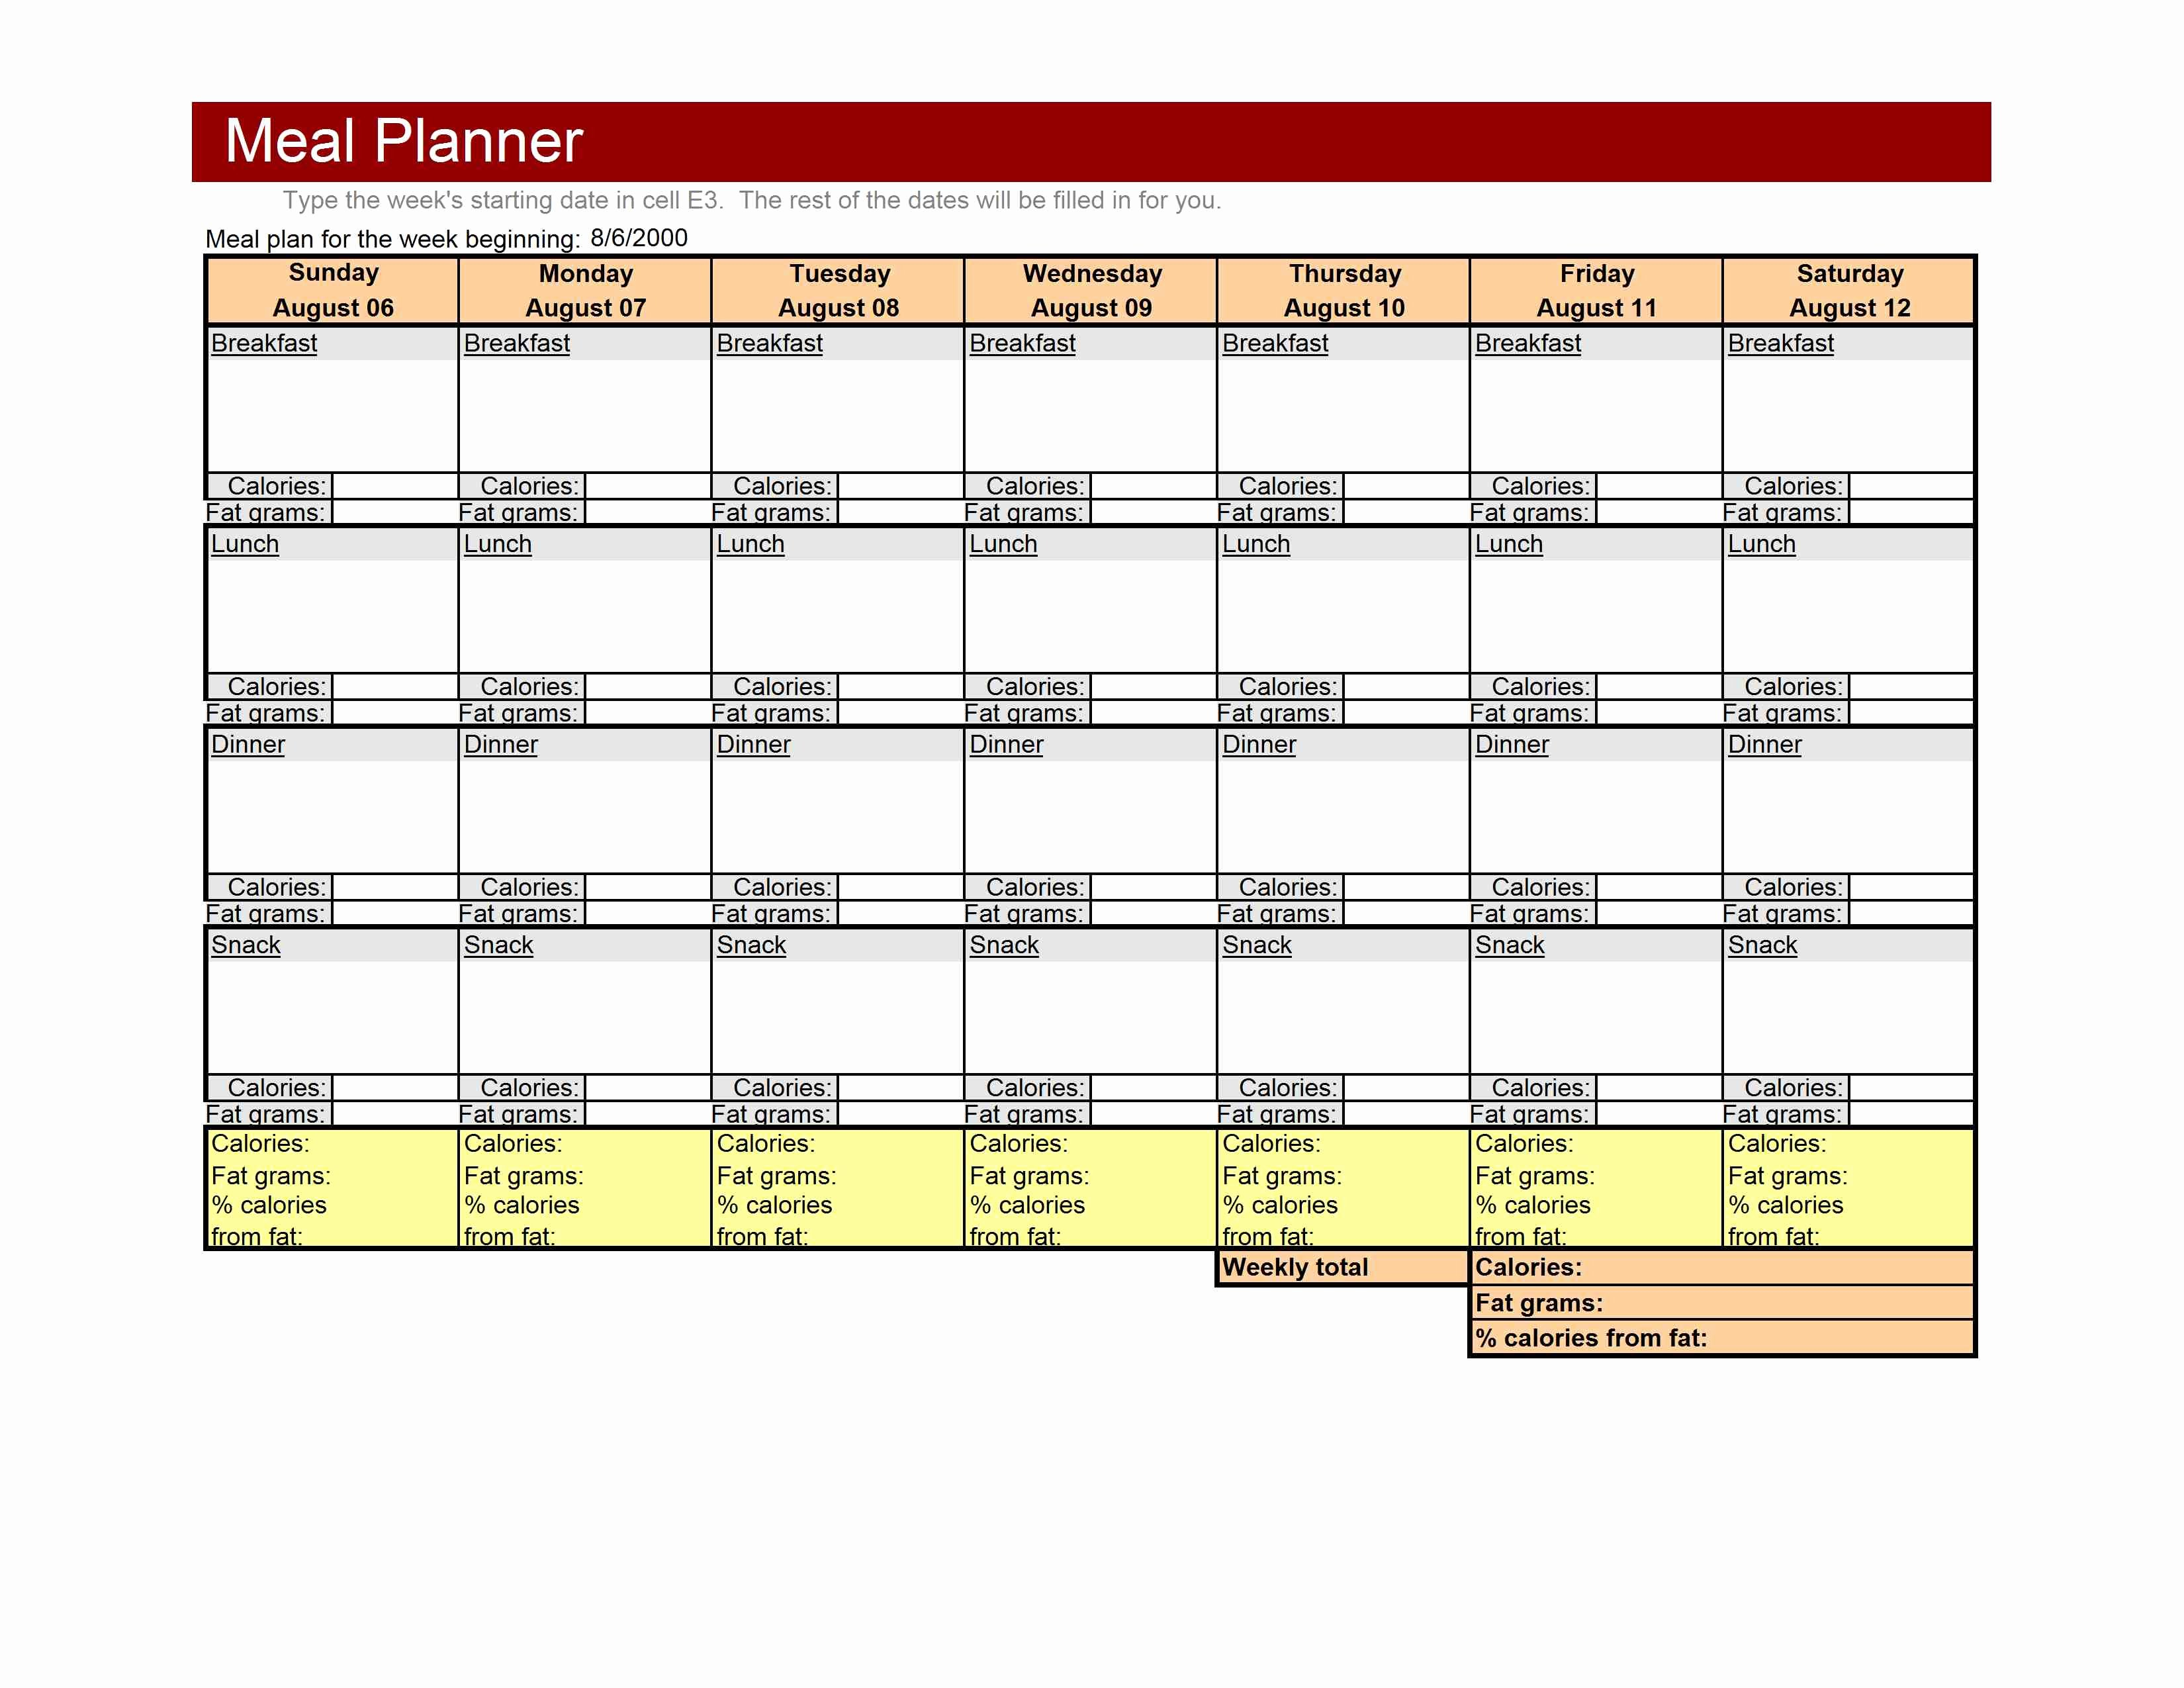 Meal Plan Template Excel Elegant 86 Weekly Meal Planner 1024x791 Weekly Meal Planner